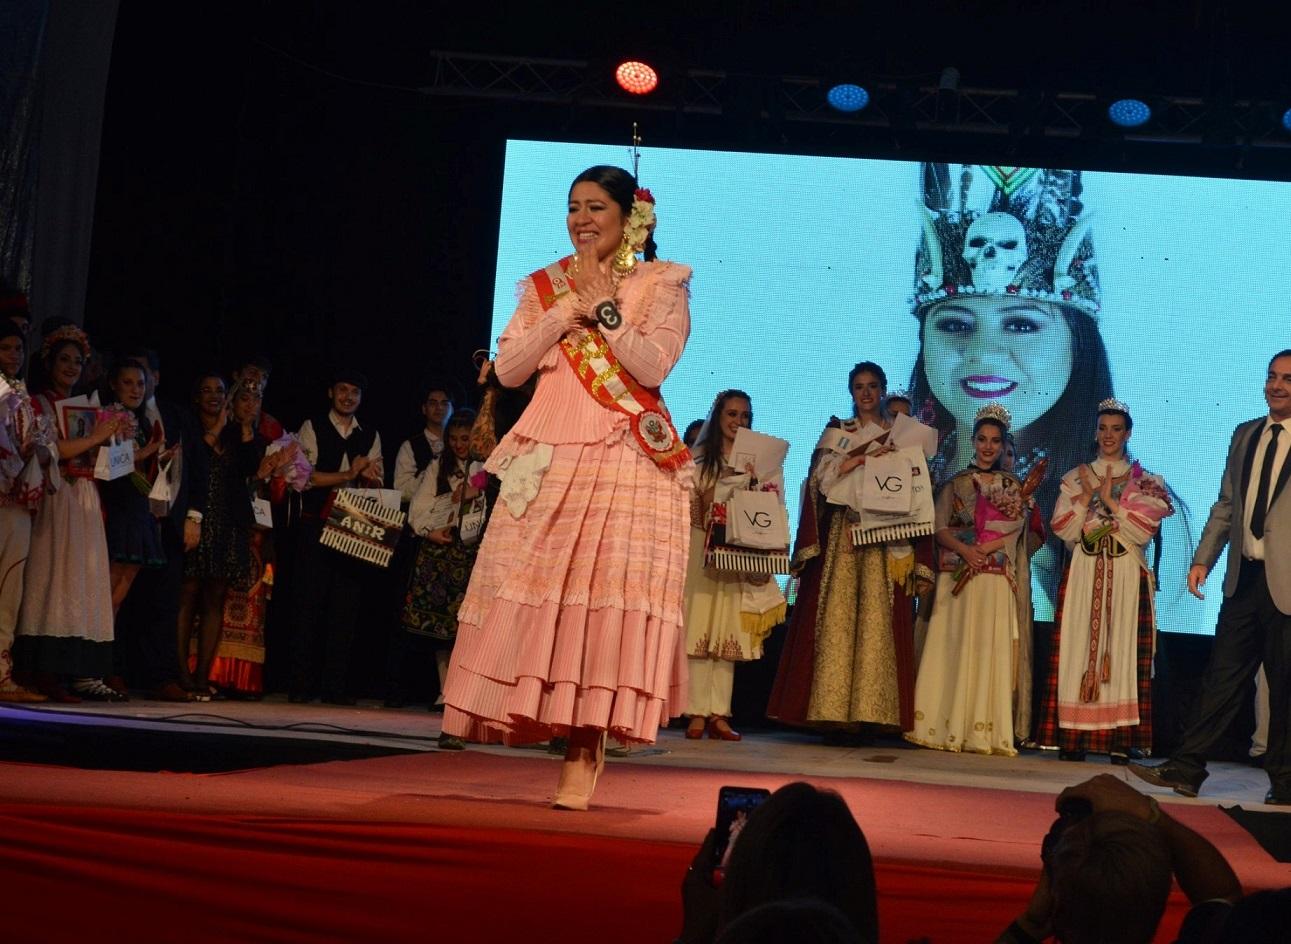 La Embajadora Cultural es Kiara Jahaira Alejandra Cadenas Núñez, de la colectividad peruana